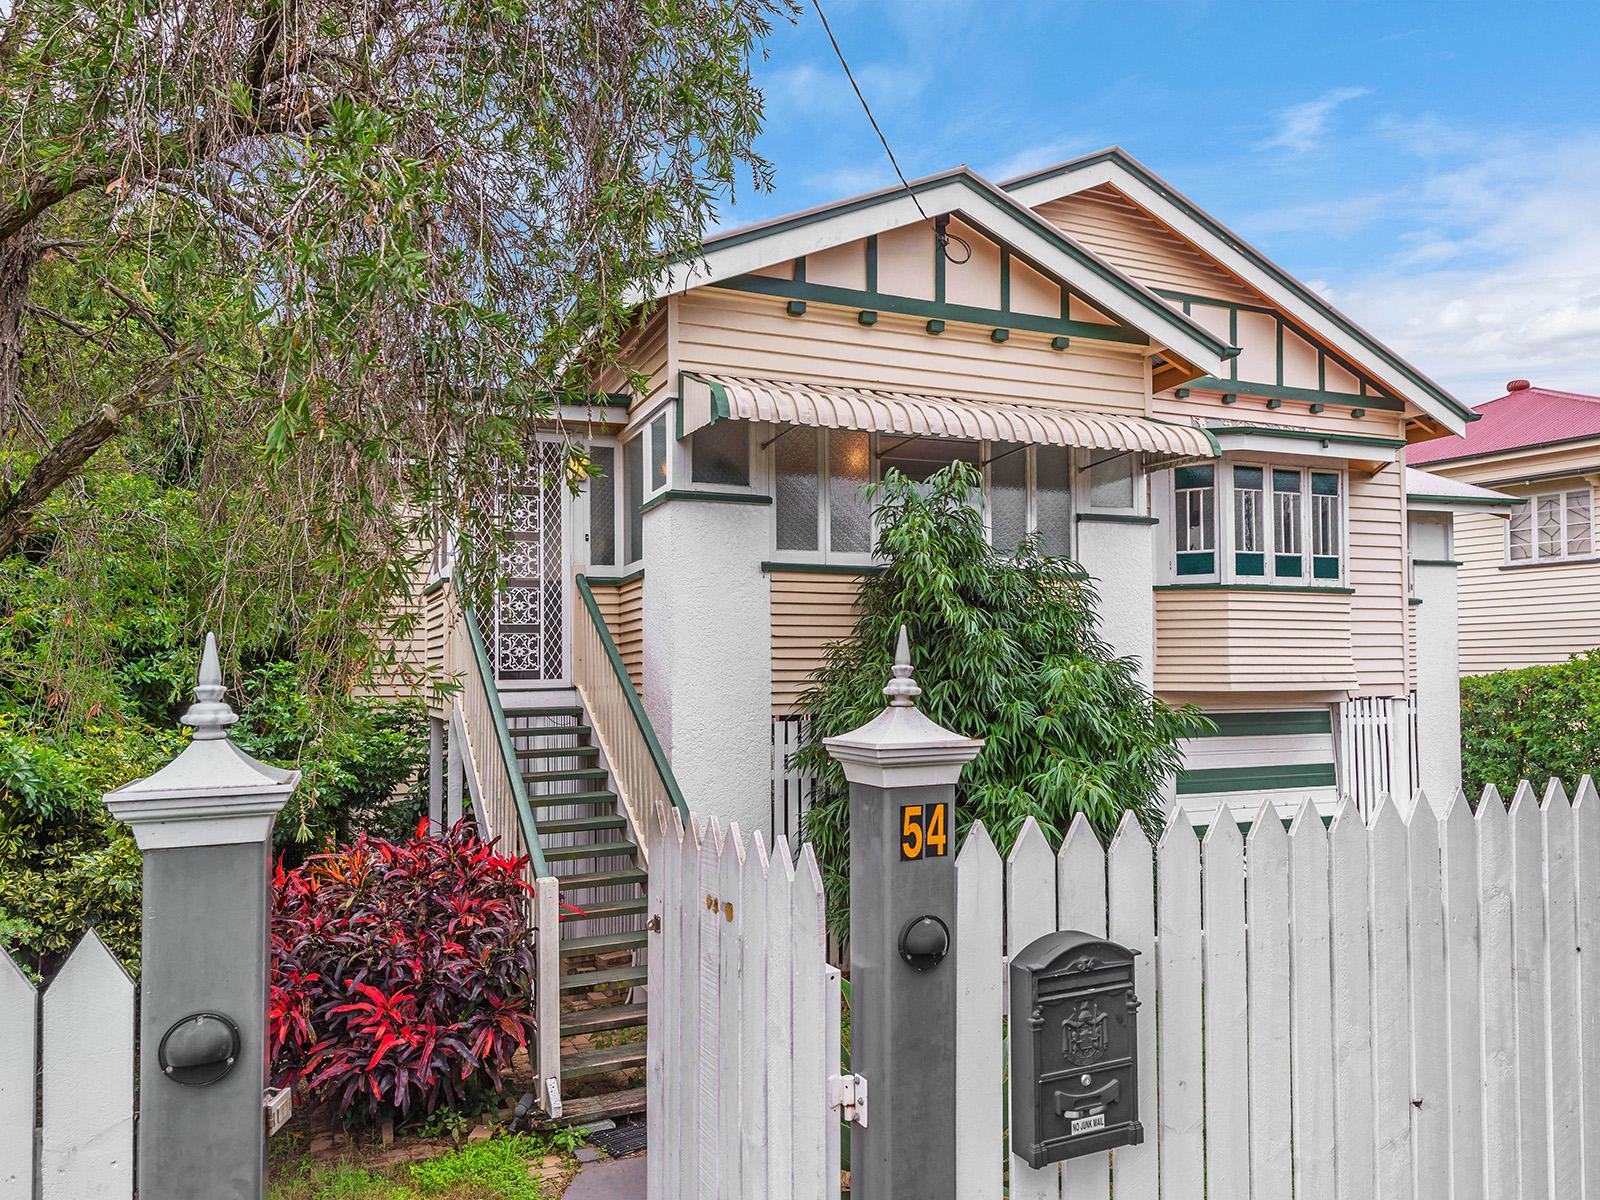 54 Goodwin Terrace, Moorooka QLD 4105